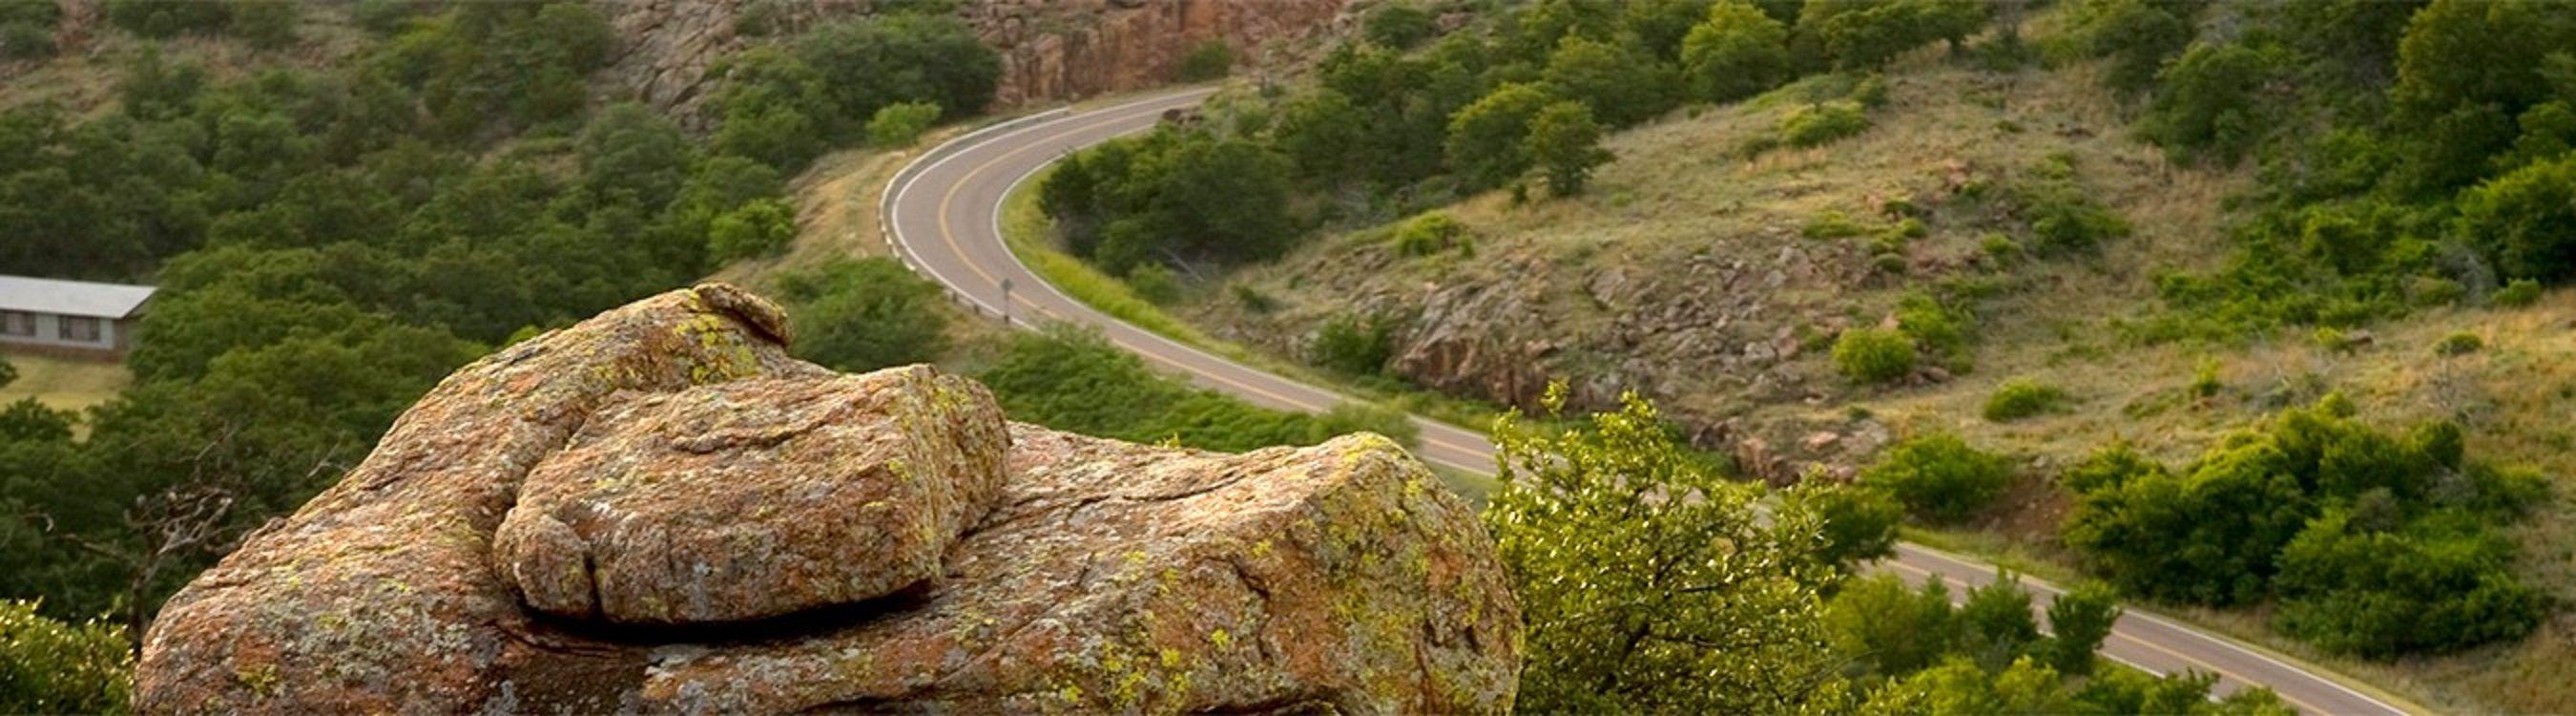 Pin by Cheryl Smith on Quartz Mountain, Oklahoma | Country ...